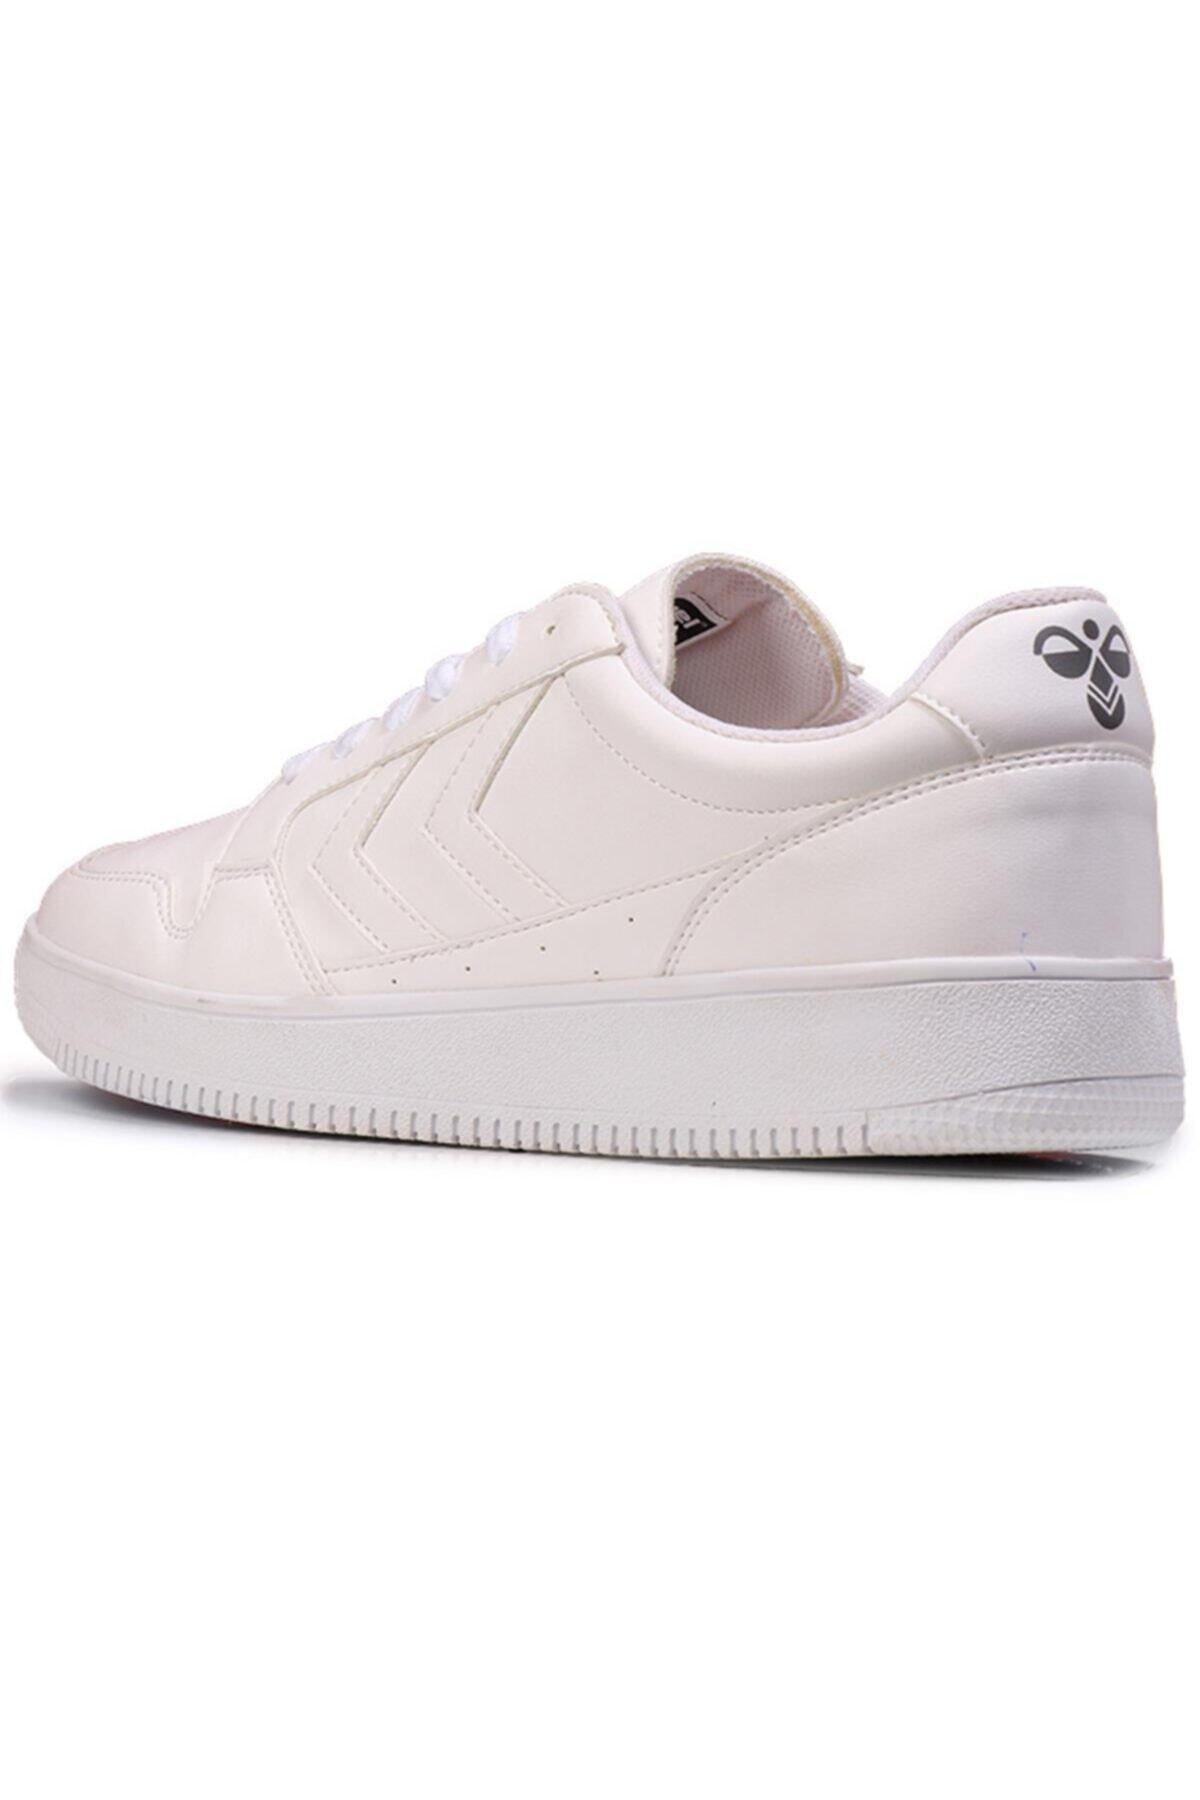 HUMMEL Hmlnelsen Kadın-erkek Ayakkabı 206305-9001 2